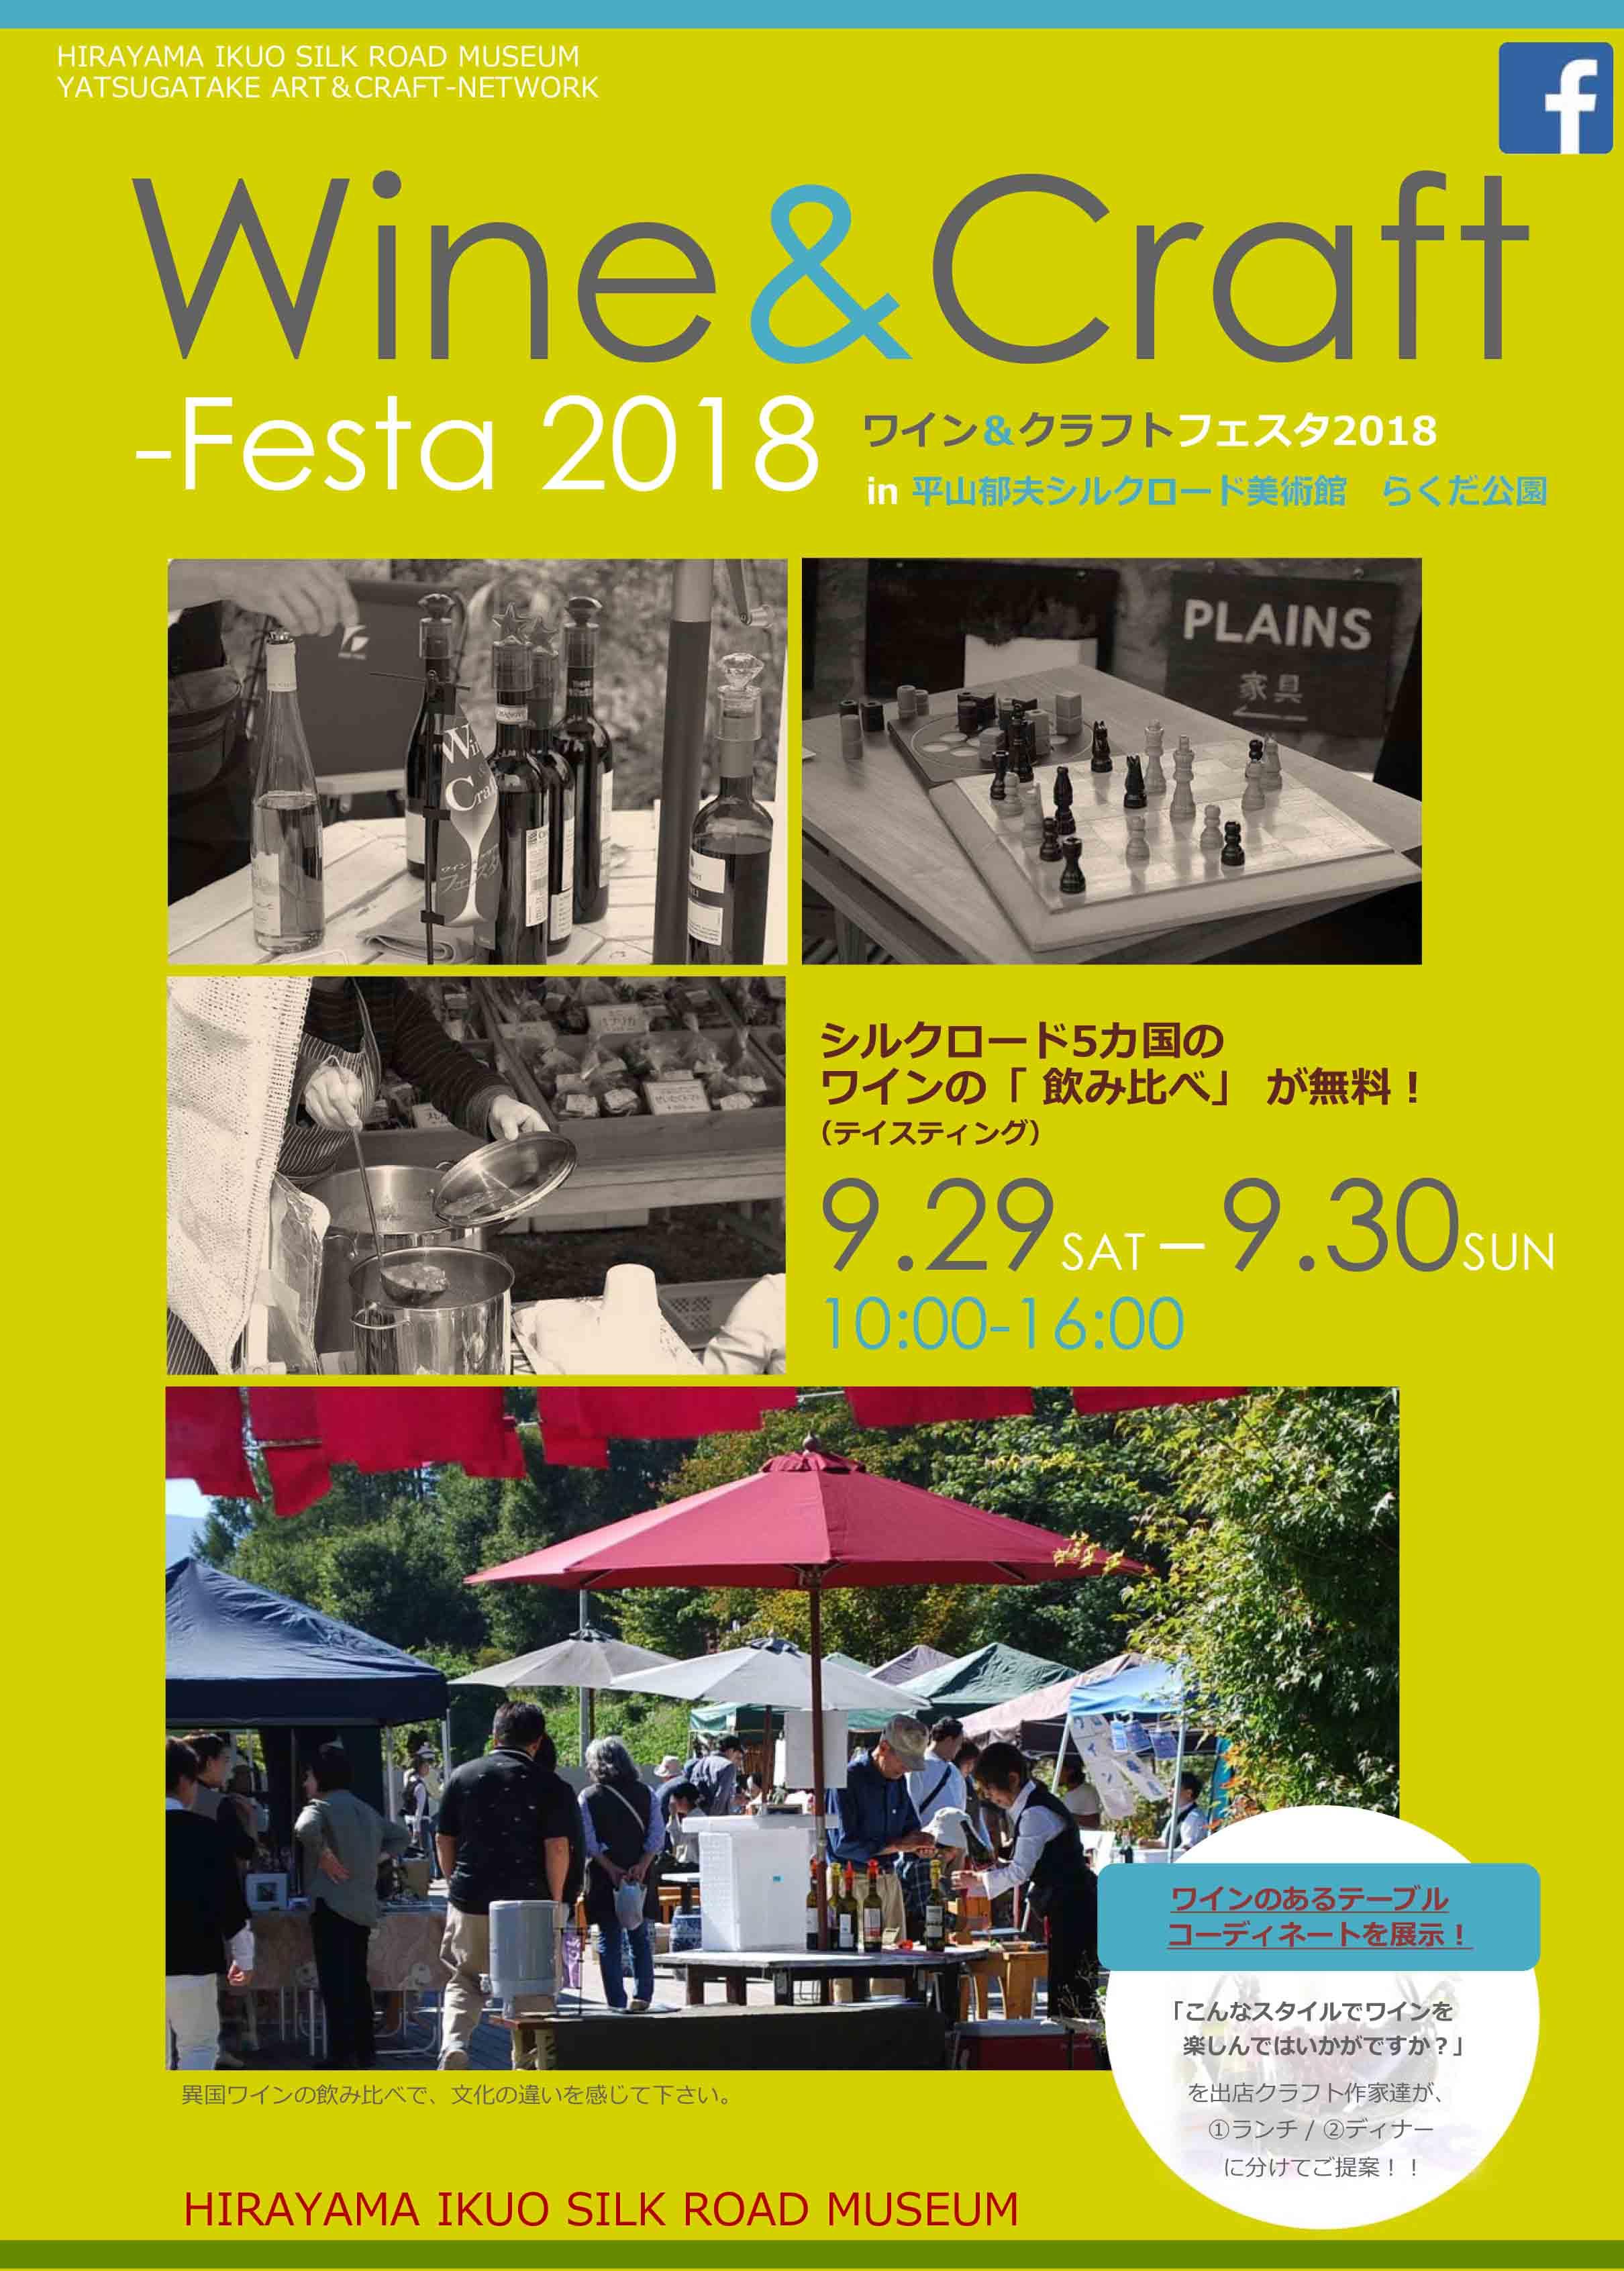 ワイン&クラフトフェスタ 2018      平山郁夫シルクロード美術館